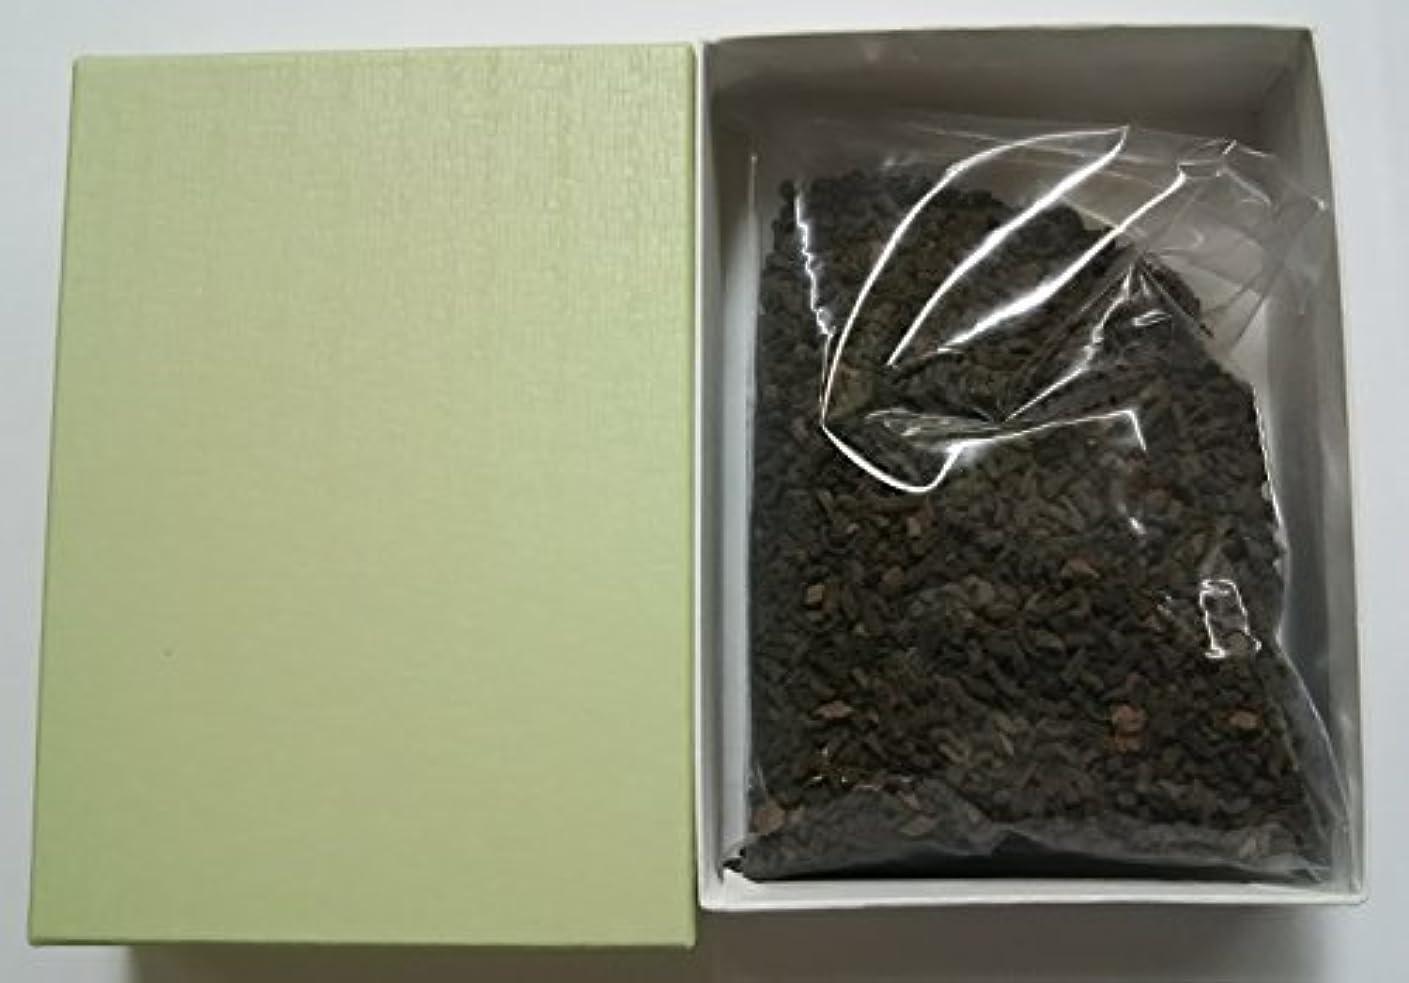 アプローチガイドライン膨張する煙の少ない黒沈香木 G89 高級お香 お焼香用 けむりの少ないお香 お焼香 agarwood